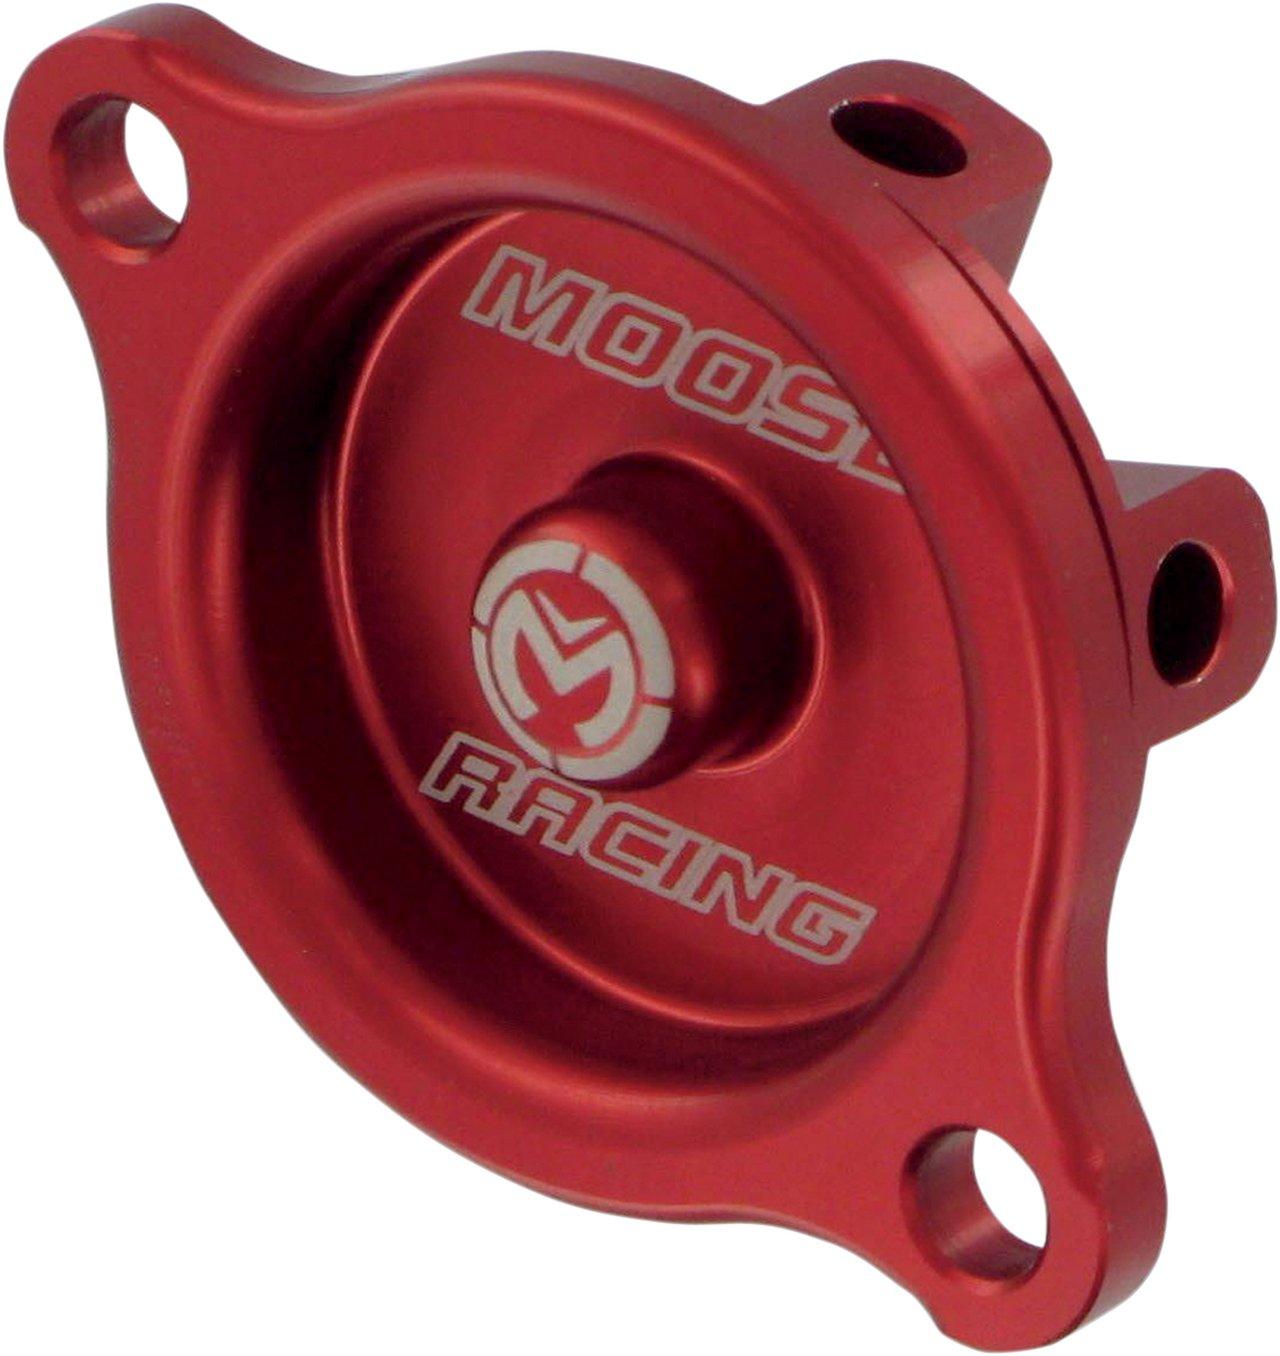 【MOOSE RACING】磁性機油濾芯蓋 ZIP-TY [0940-0729] - 「Webike-摩托百貨」